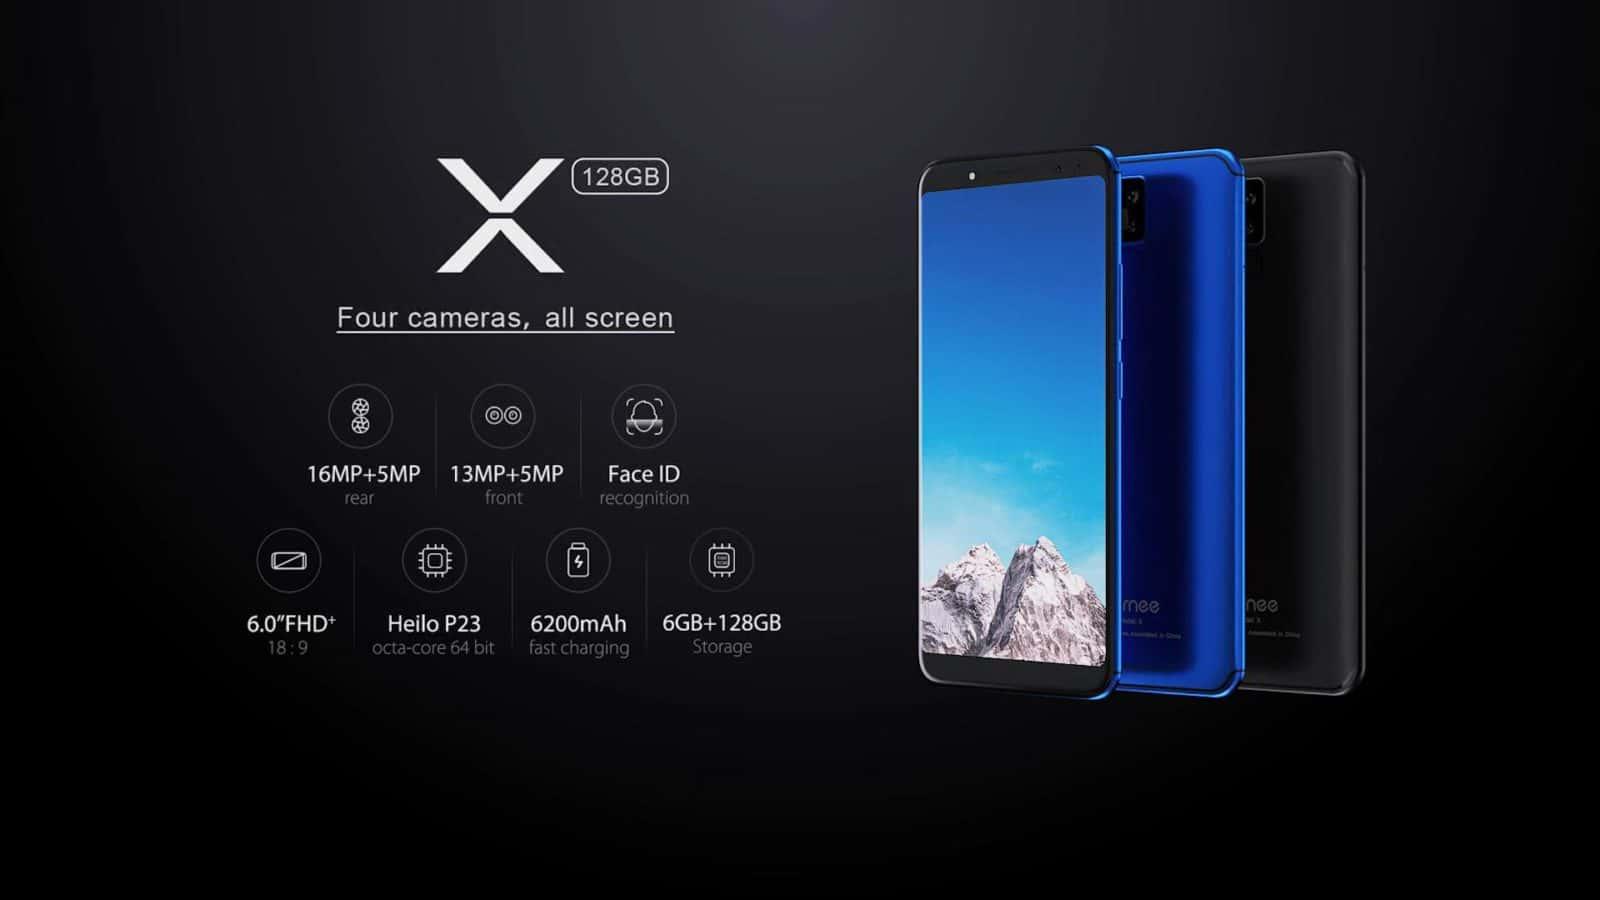 Vernee X primer Smartphone con 4 cámaras por parte de la compañía